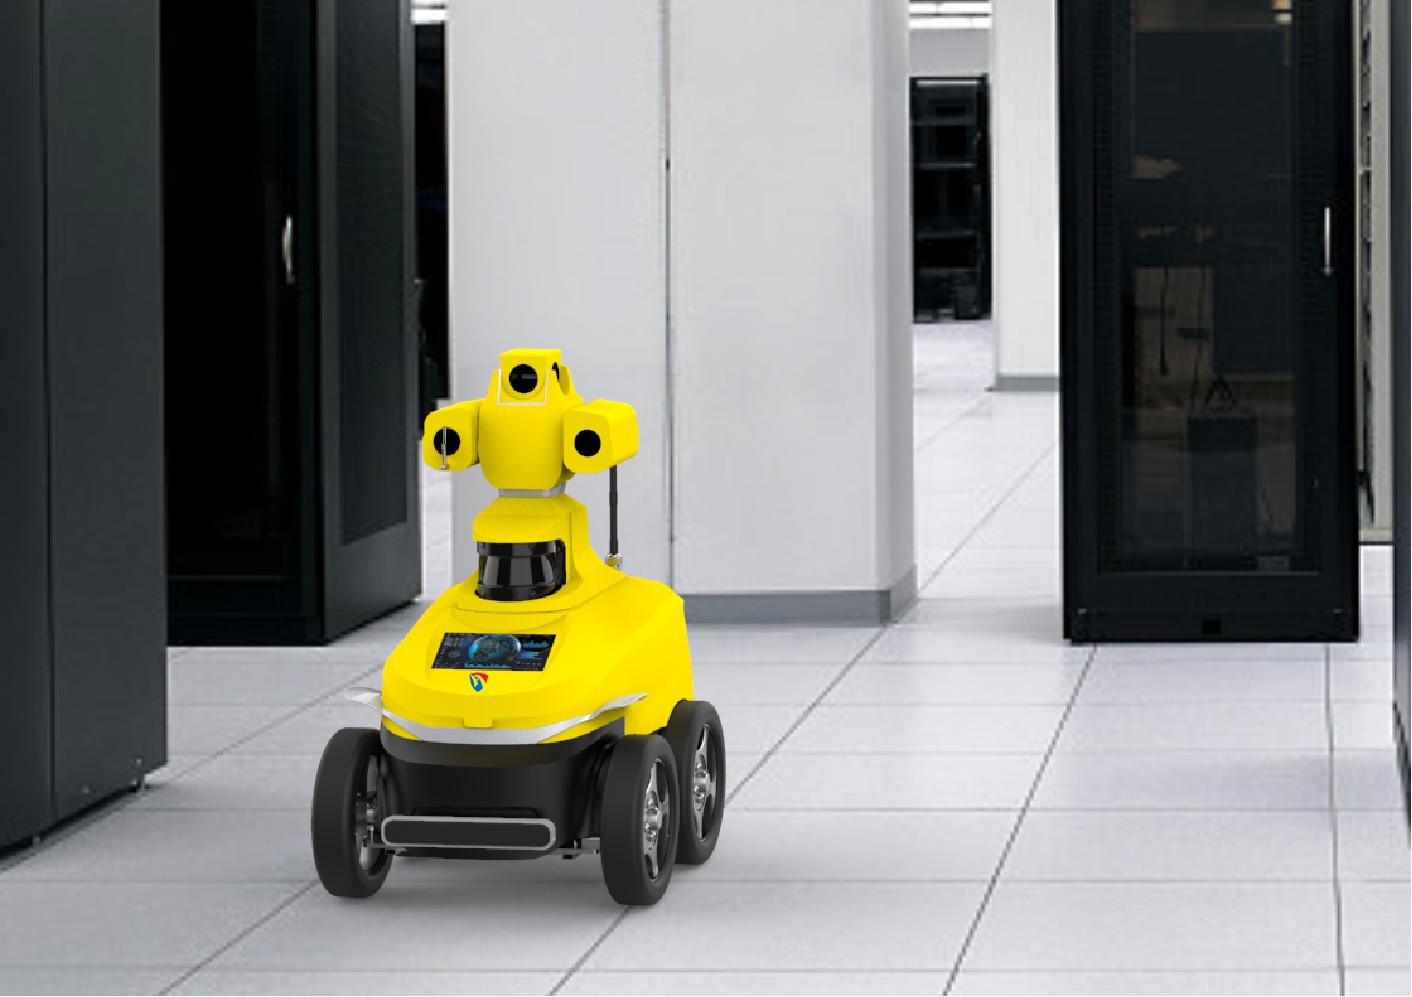 华瑞通5G智能电力巡检机器人可以实现哪些功能